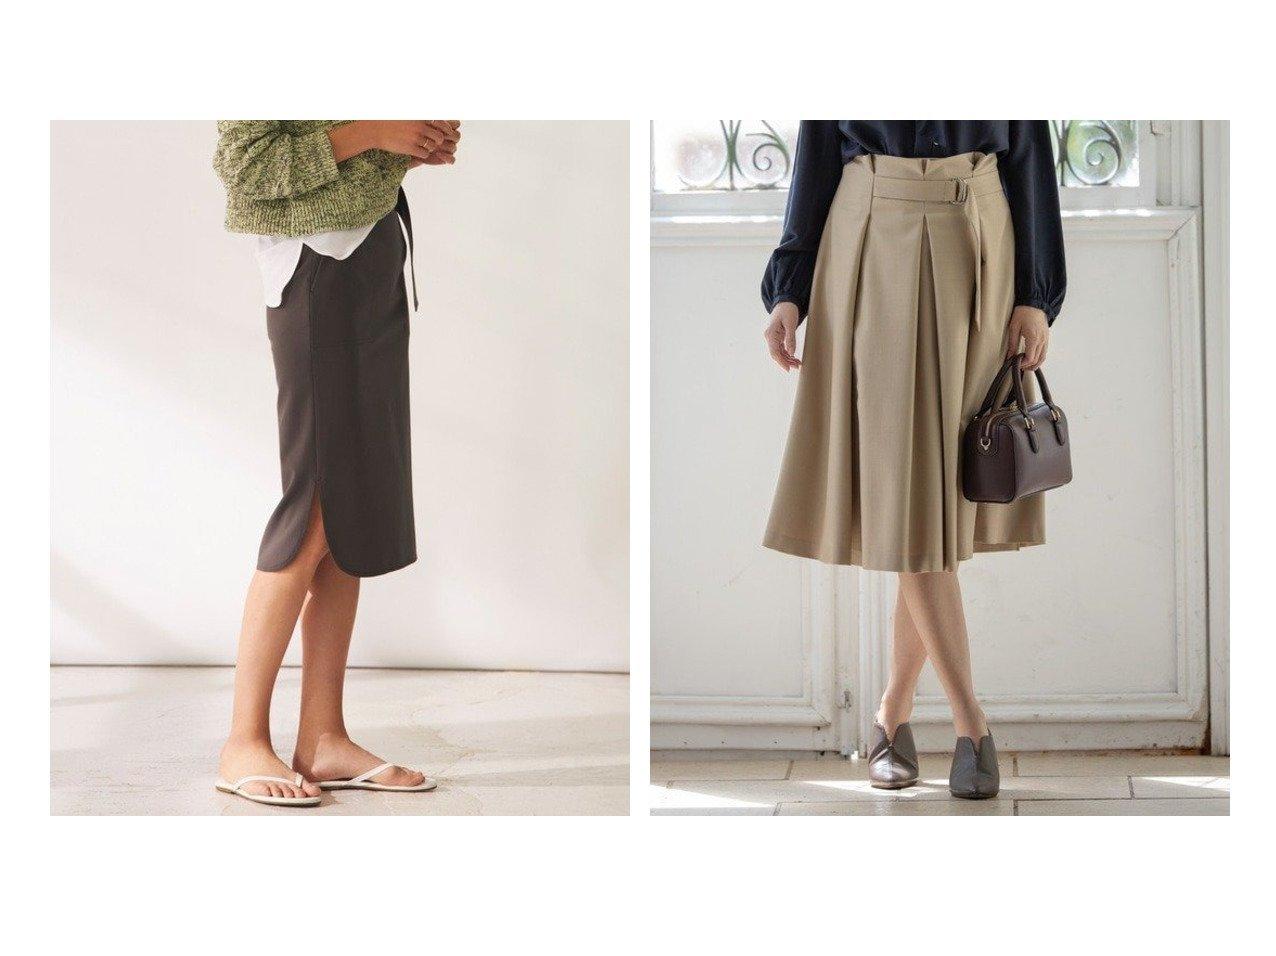 【KUMIKYOKU/組曲】の【洗える】W 2wayストレッチ タックスカート&【BEIGE,/ベイジ,】のタイトスカート スカートのおすすめ!人気、レディースファッションの通販 おすすめファッション通販アイテム インテリア・キッズ・メンズ・レディースファッション・服の通販 founy(ファニー) ファッション Fashion レディース WOMEN スカート Skirt タイトスカート 秋冬 A/W Autumn/ Winter クラシカル ストレッチ チェック ハーフ バイアス ベーシック 無地 秋 グレー系 Gray ブラック系 Black ベージュ系 Beige |ID:crp329100000003166